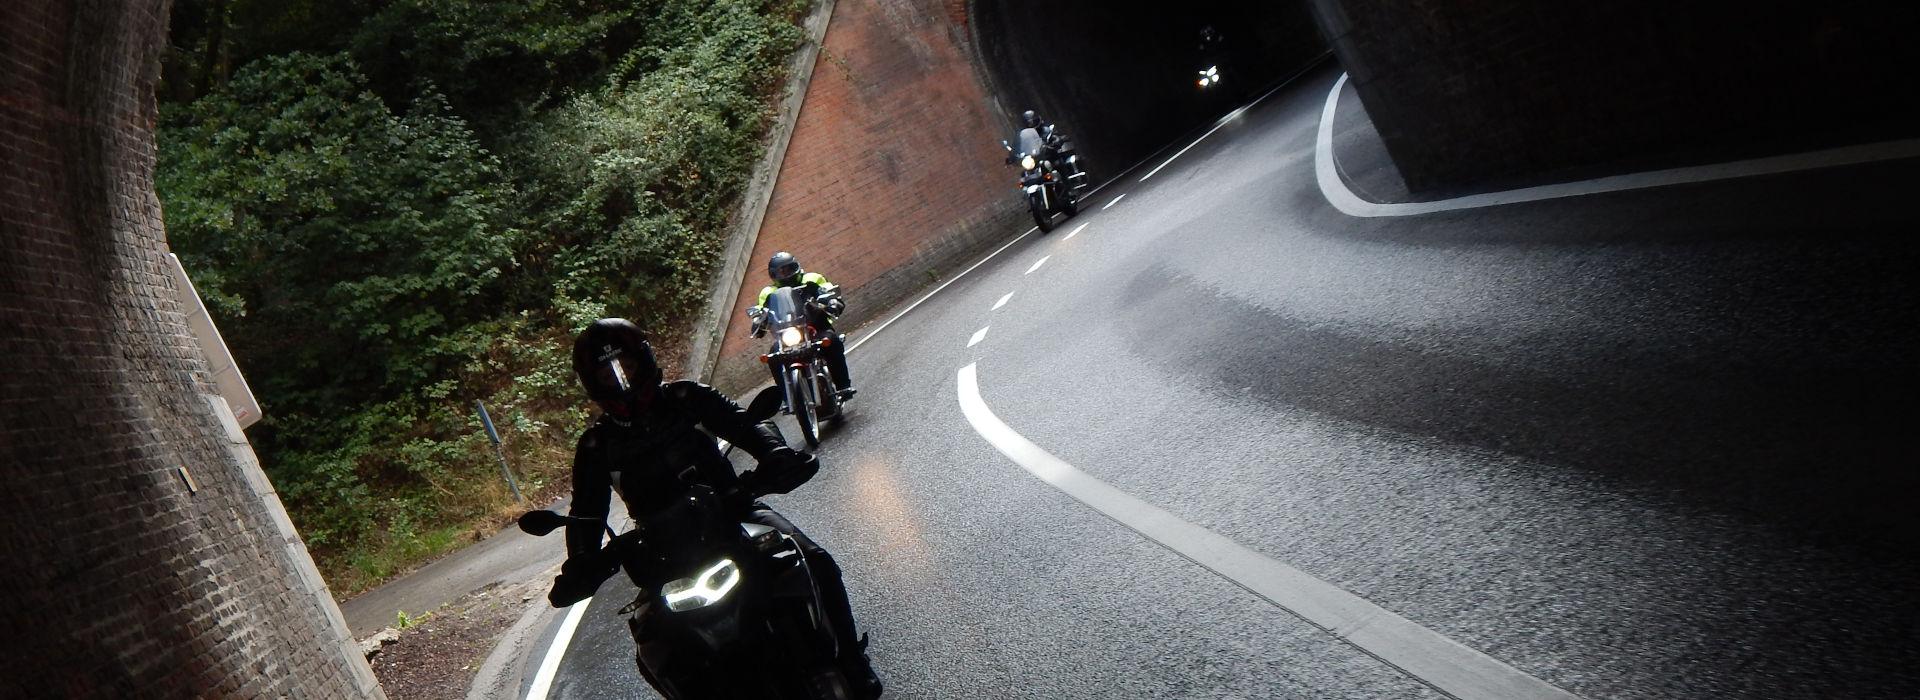 Motorrijbewijspoint Bunde spoed motorrijbewijs